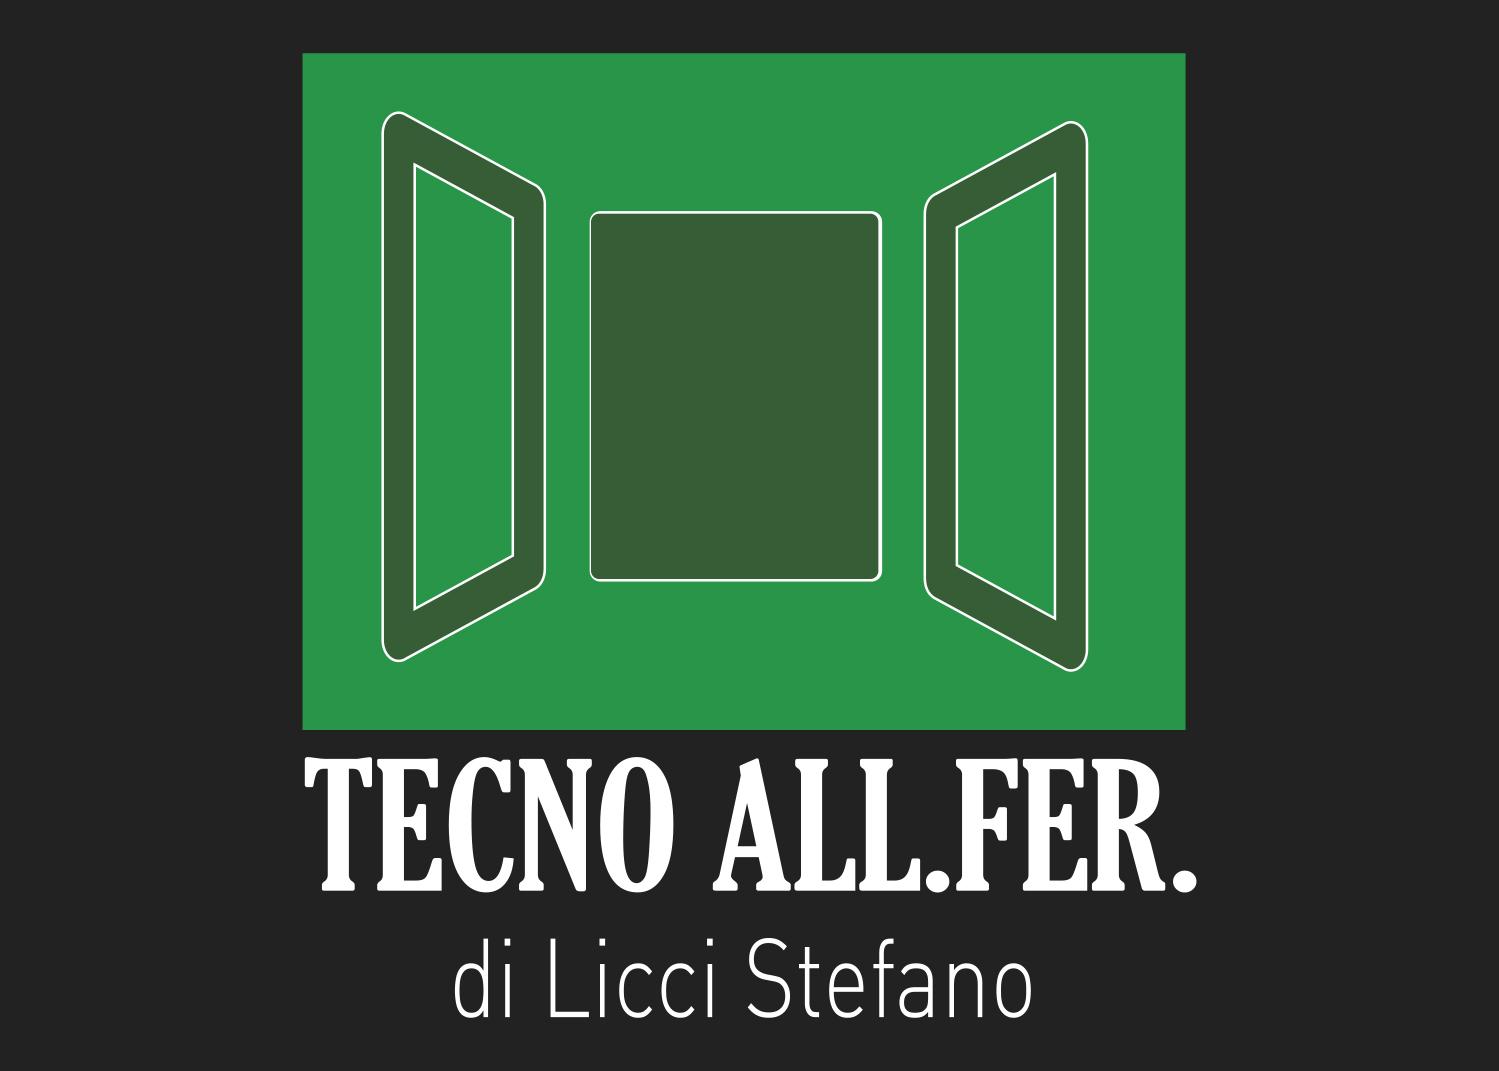 TecnoAllFer